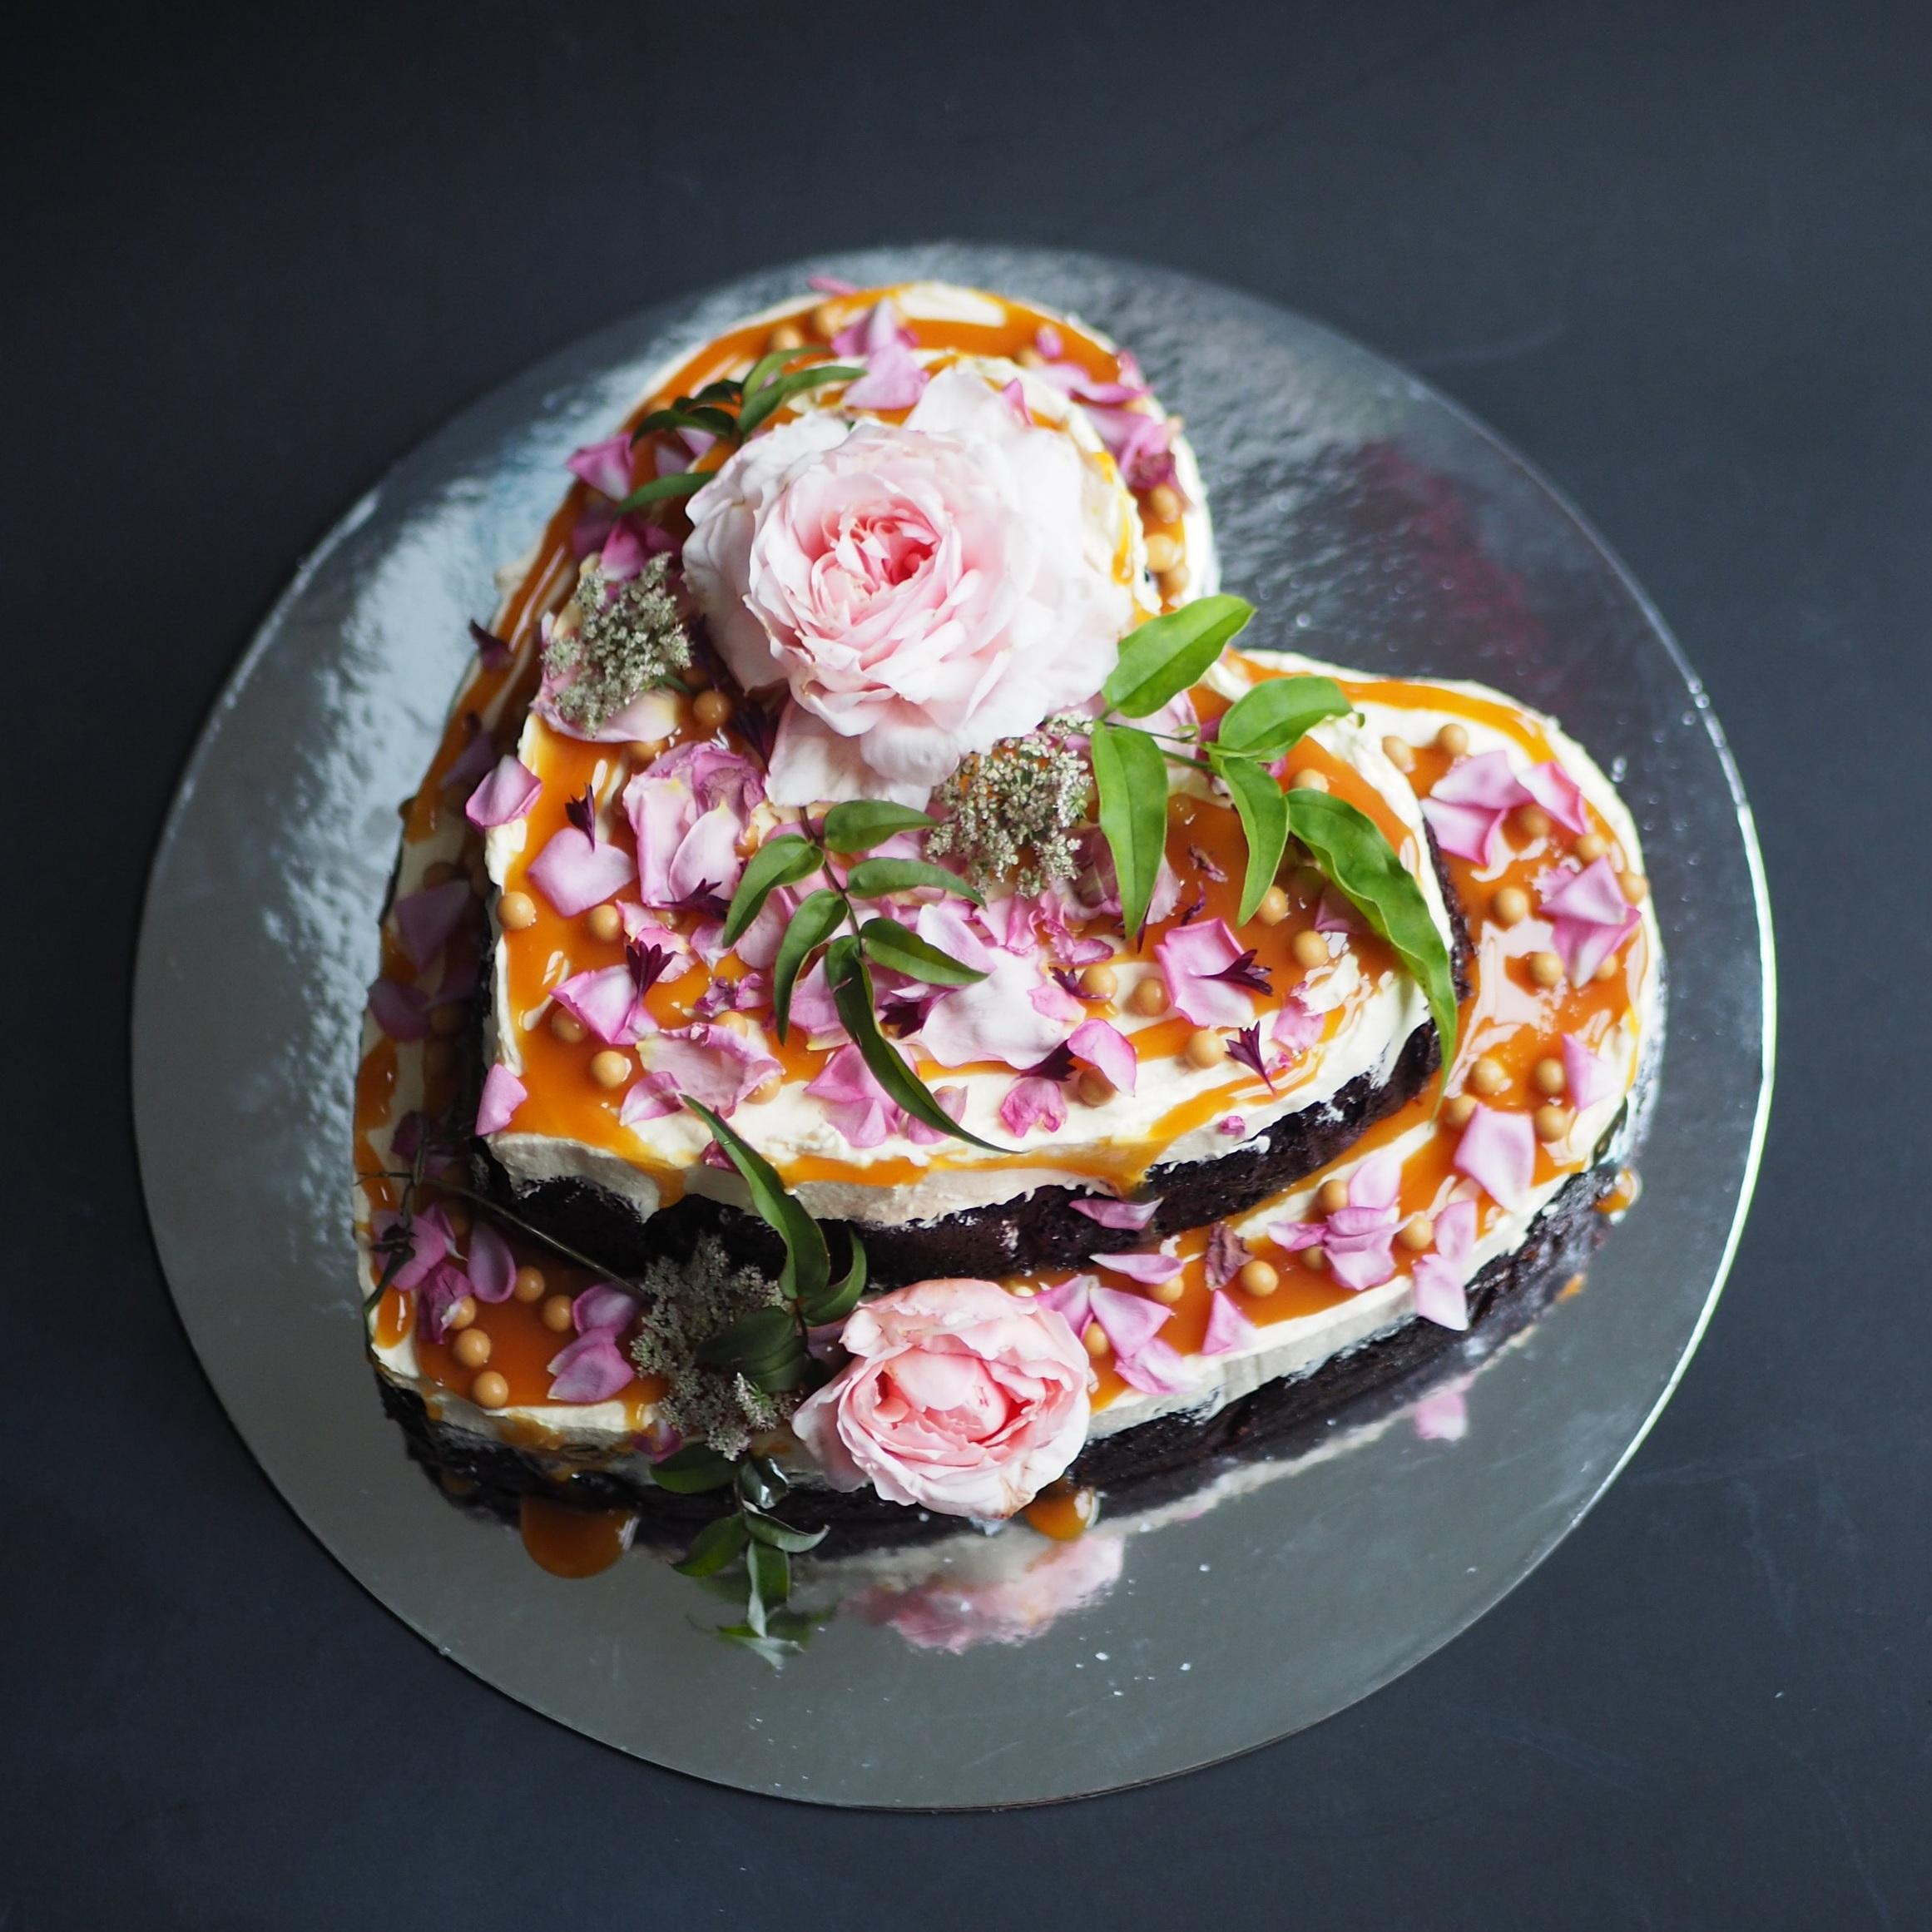 2019-03-18 Heart flower cake and bundts 005.JPG